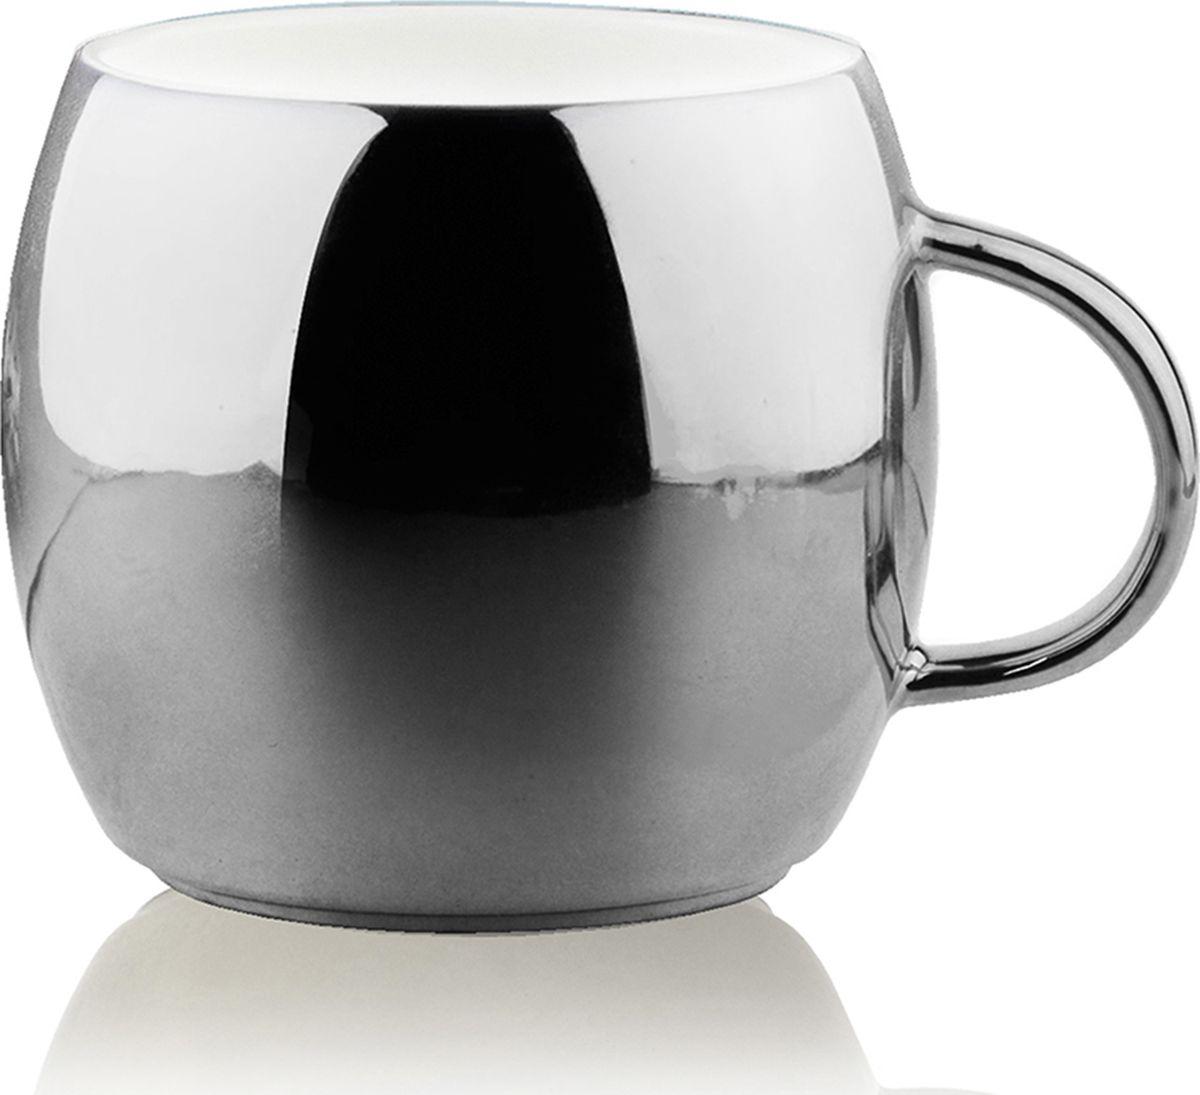 Кружка Asobu Sparkling mugs, цвет: стальной, 380 млMUG 550 silverНасладитесь чашечкой горячего шоколада или любимого праздничного напитка с игристой коллекцией кружек Asobu Sparkling mugs. Глянцевое, полированное покрытие кружек мерцает и переливается, создавая особенное, праздничное настроение. * Обратите внимание, что в связи с глянцевым покрытием могут быть незначительные недостатки в отделке.Особенности: 390 мл.Экстраглянцевое покрытие.Яркие праздничные цветаИдеально подходит для горячего шоколада или других праздничных напитков.Мыть только руками! Не рекомендуется мыть в посудомоечной машине!